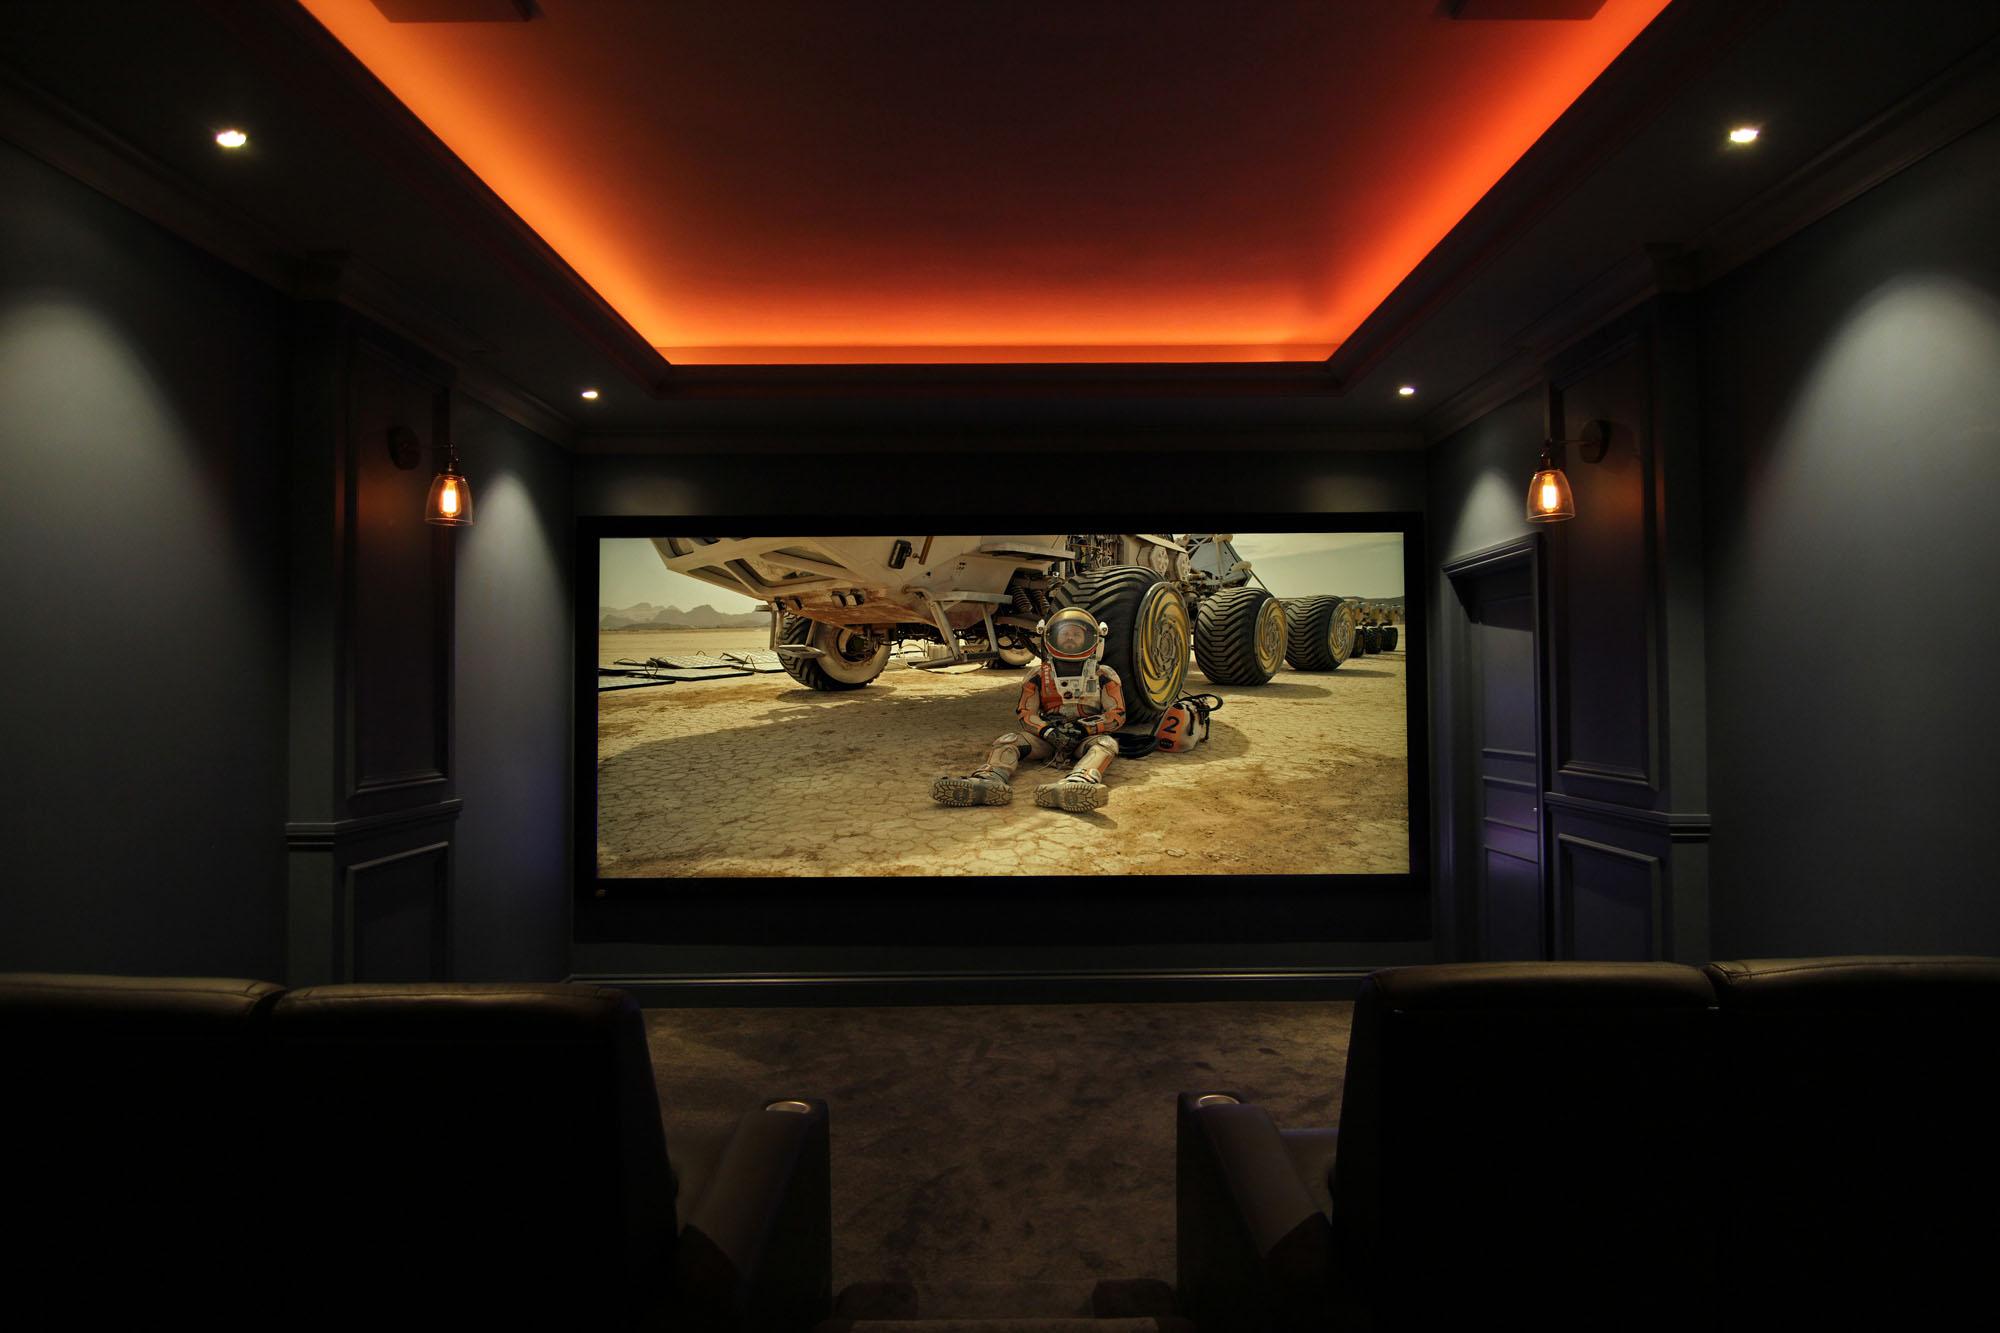 Home_Cinema_Bespoke_Home_Cinemas_03.jpg